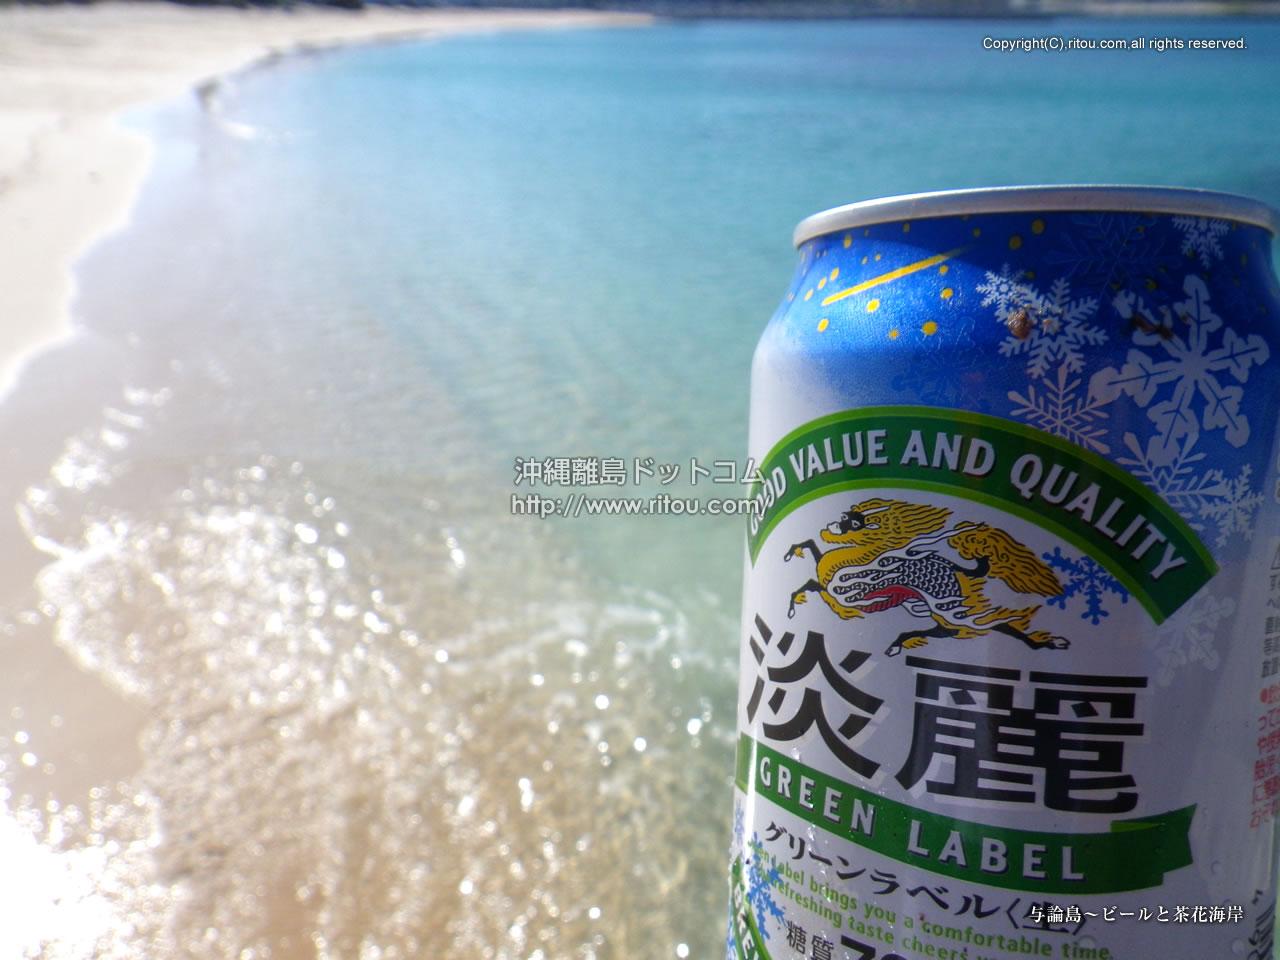 与論島〜ビールと茶花海岸